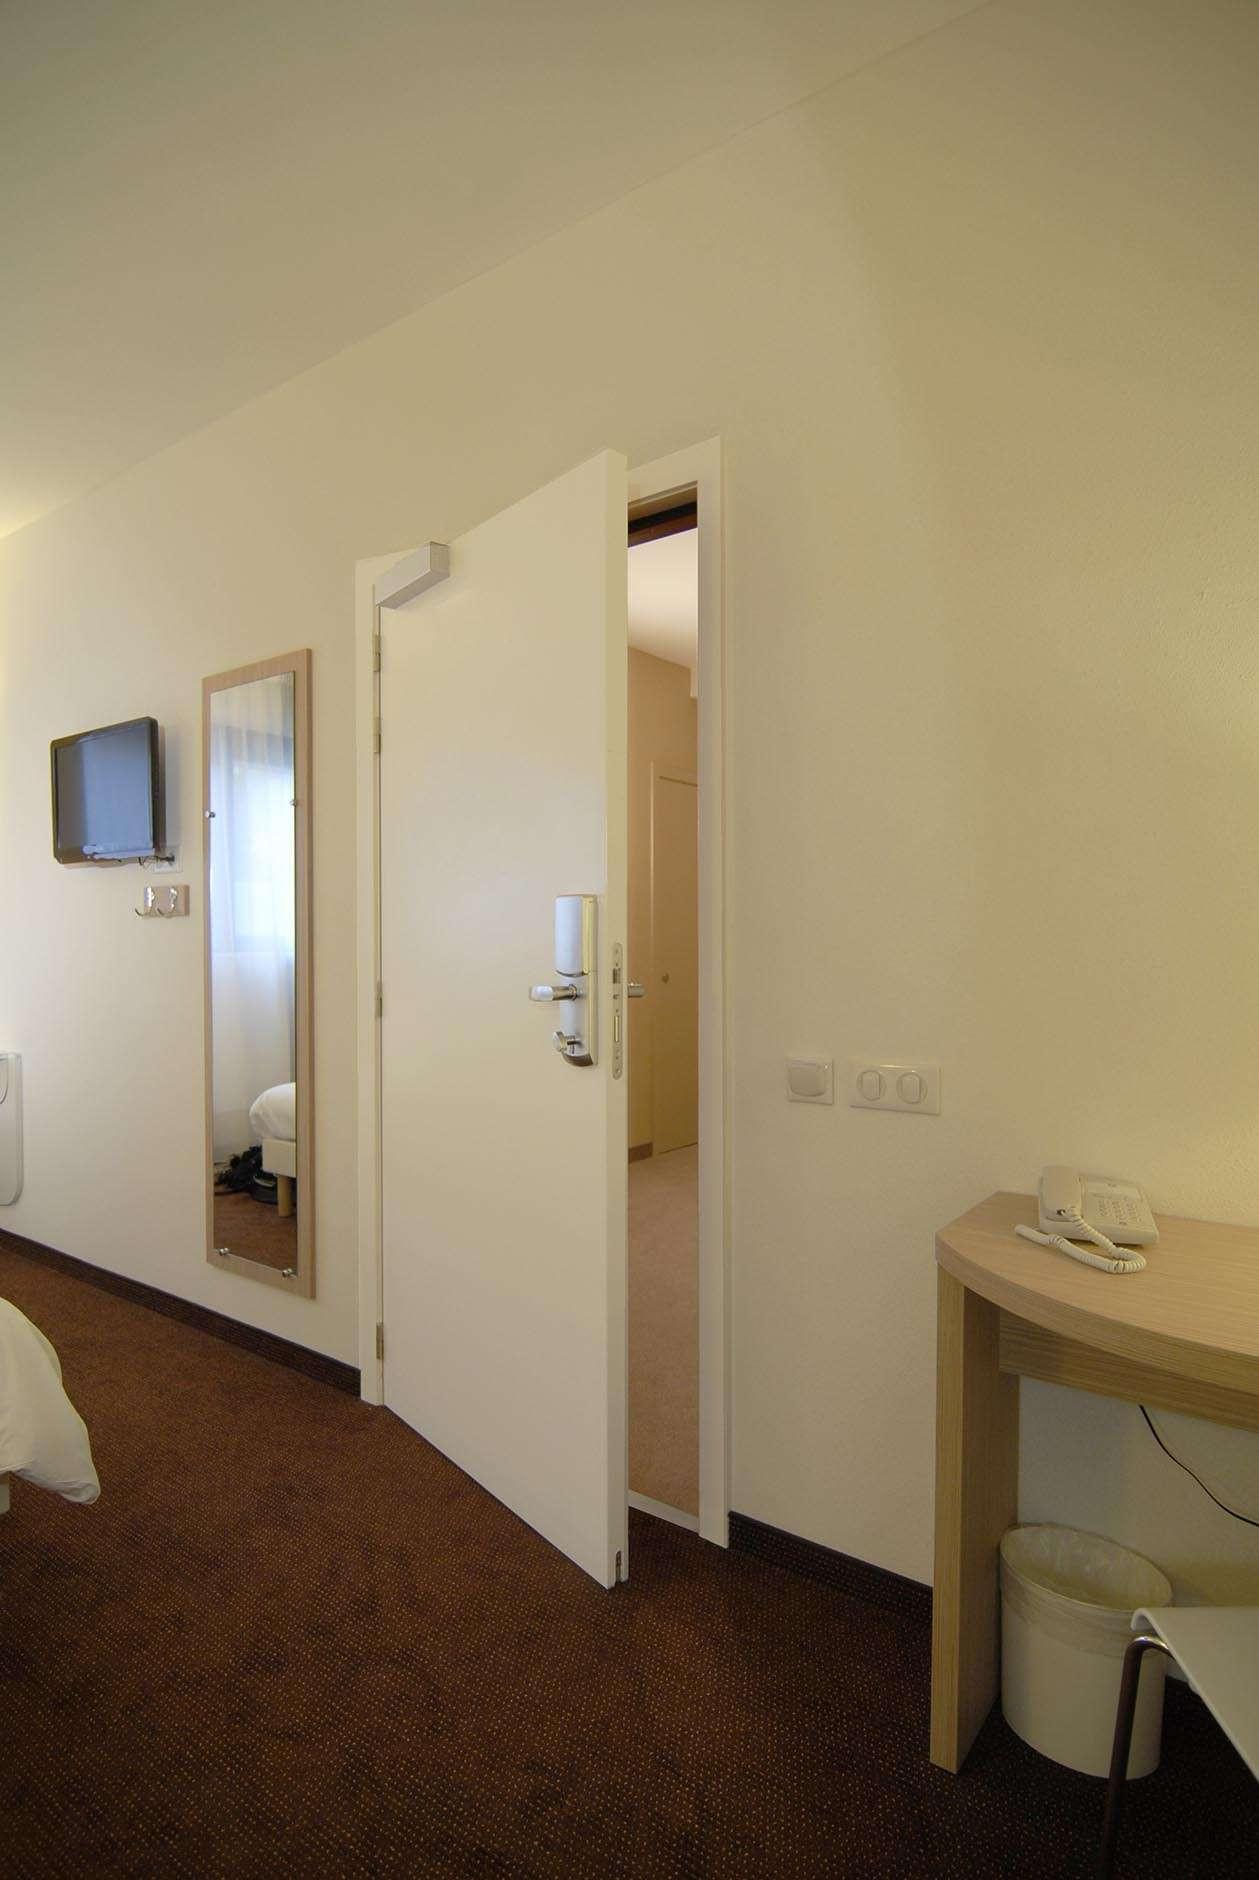 Nordex_Brussel Hotel Adagio_3